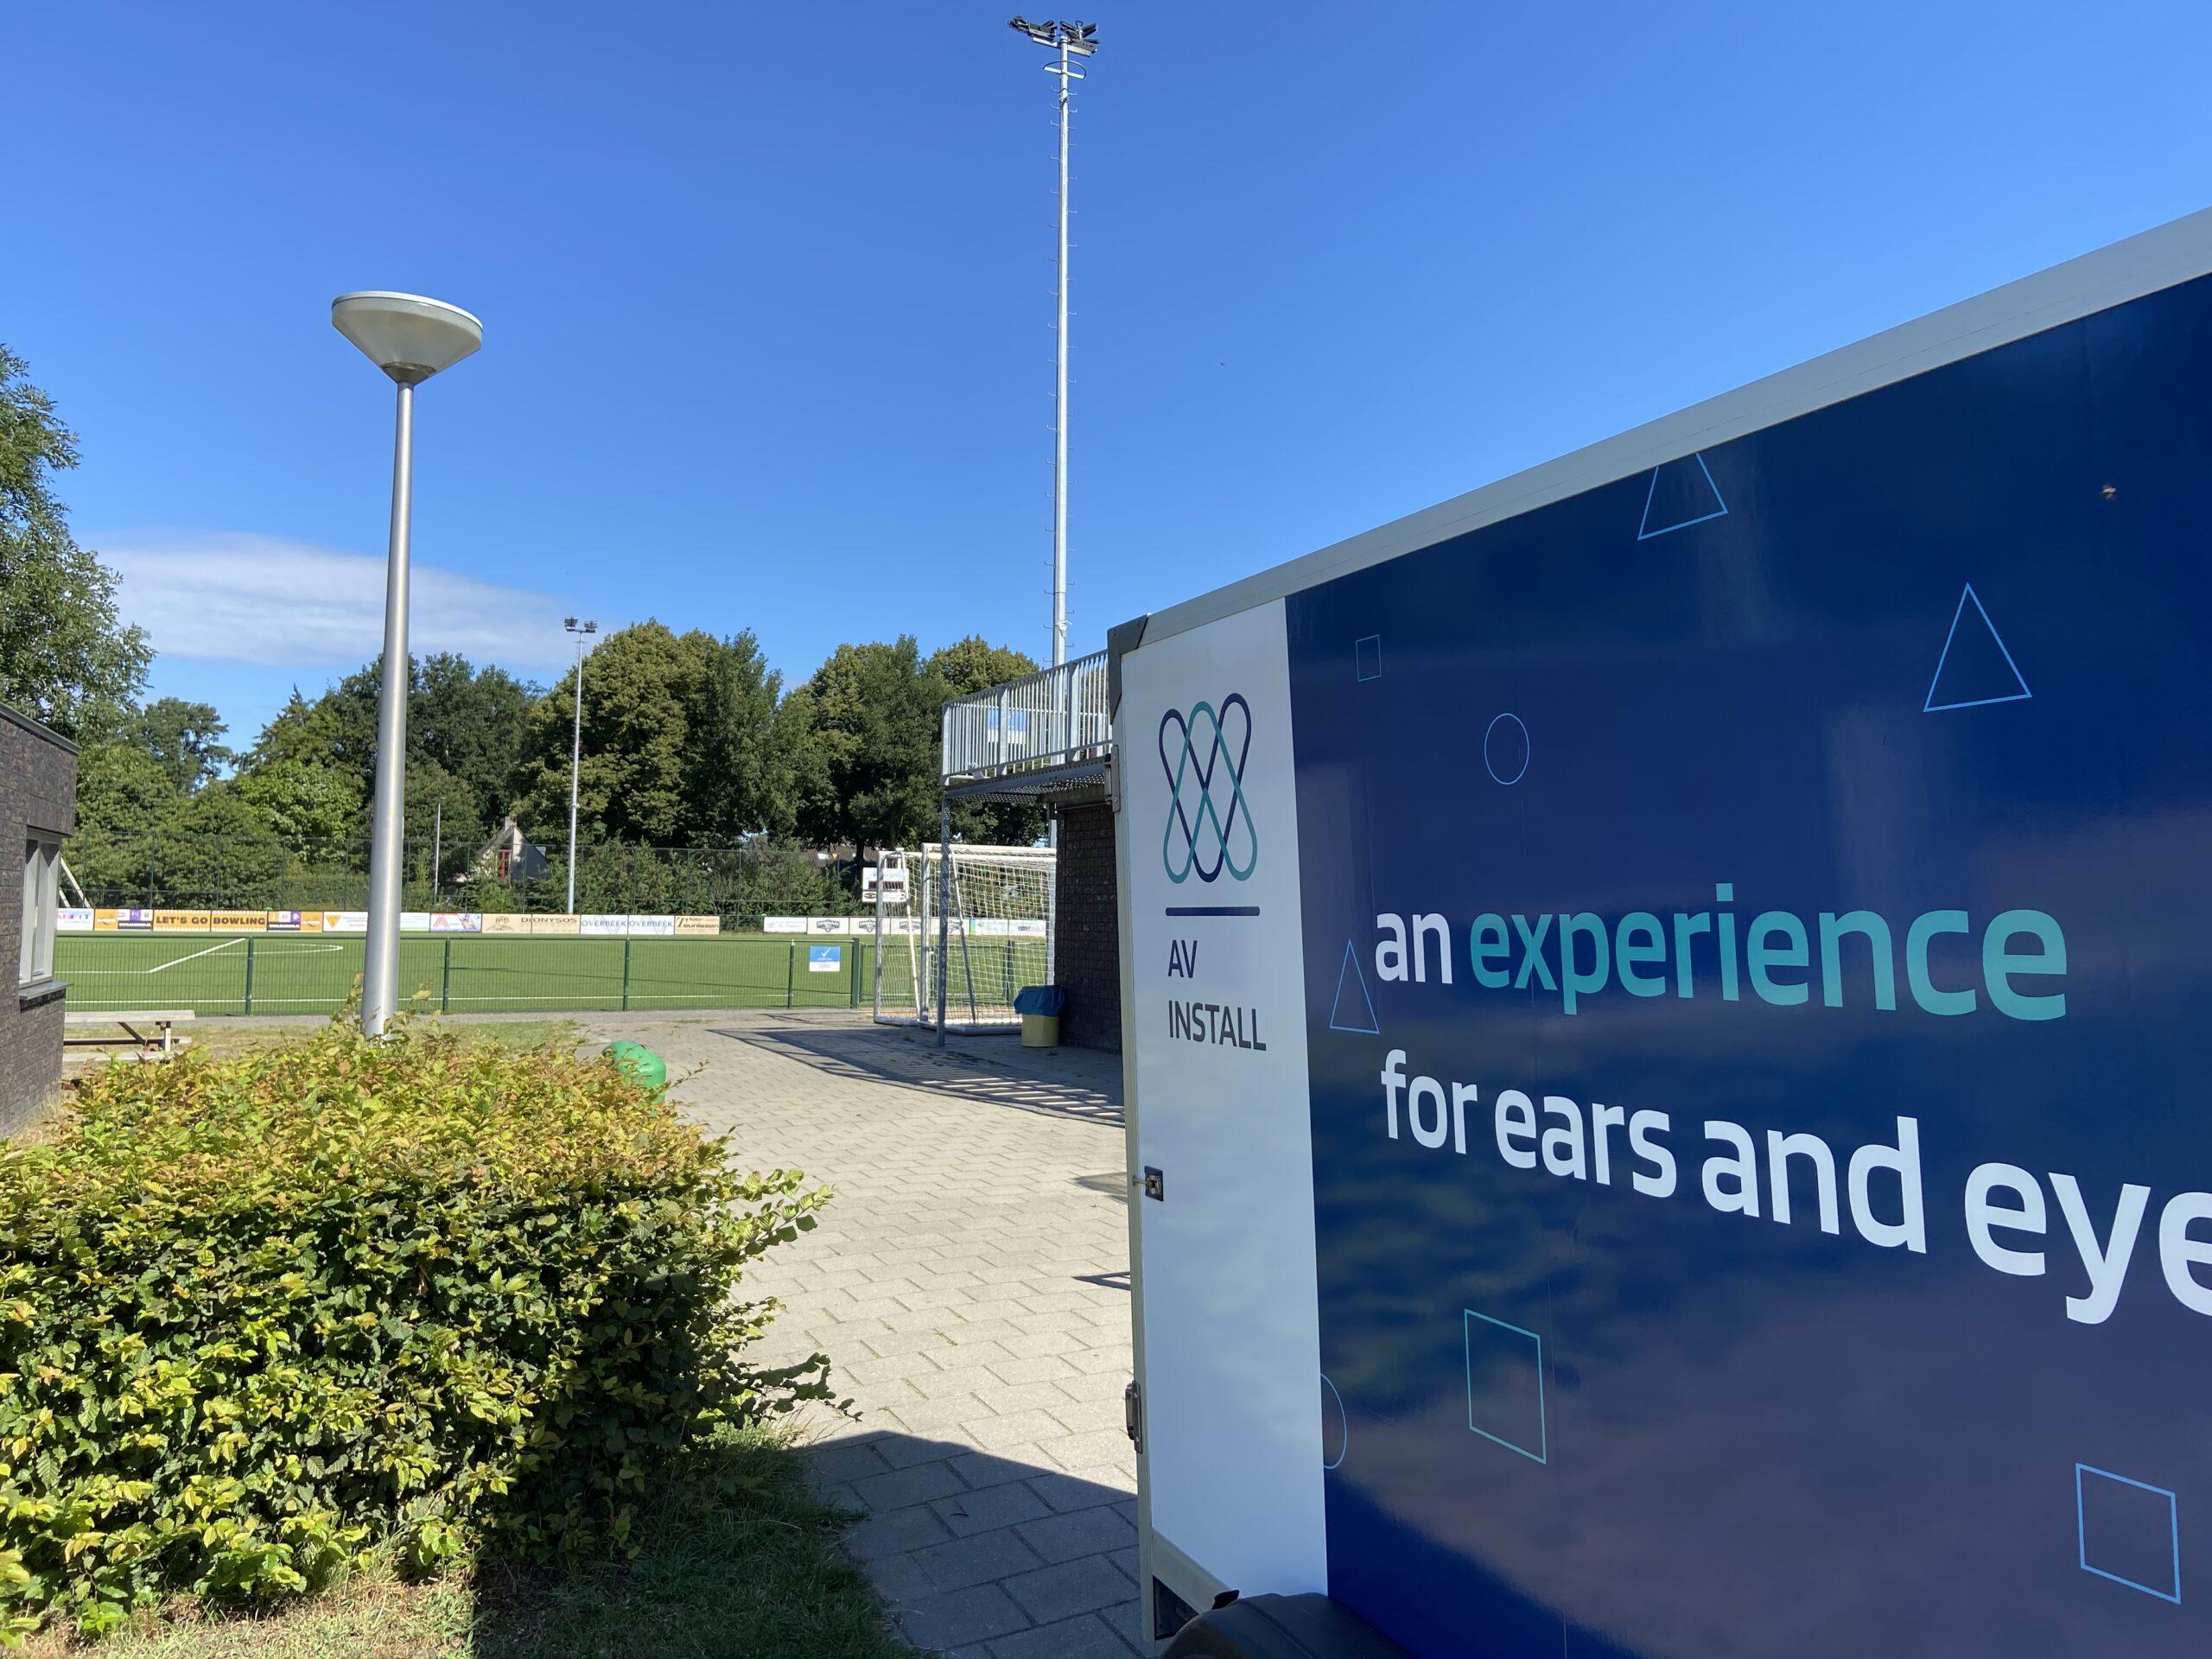 Voetbalvereniging Orion Nijmegen